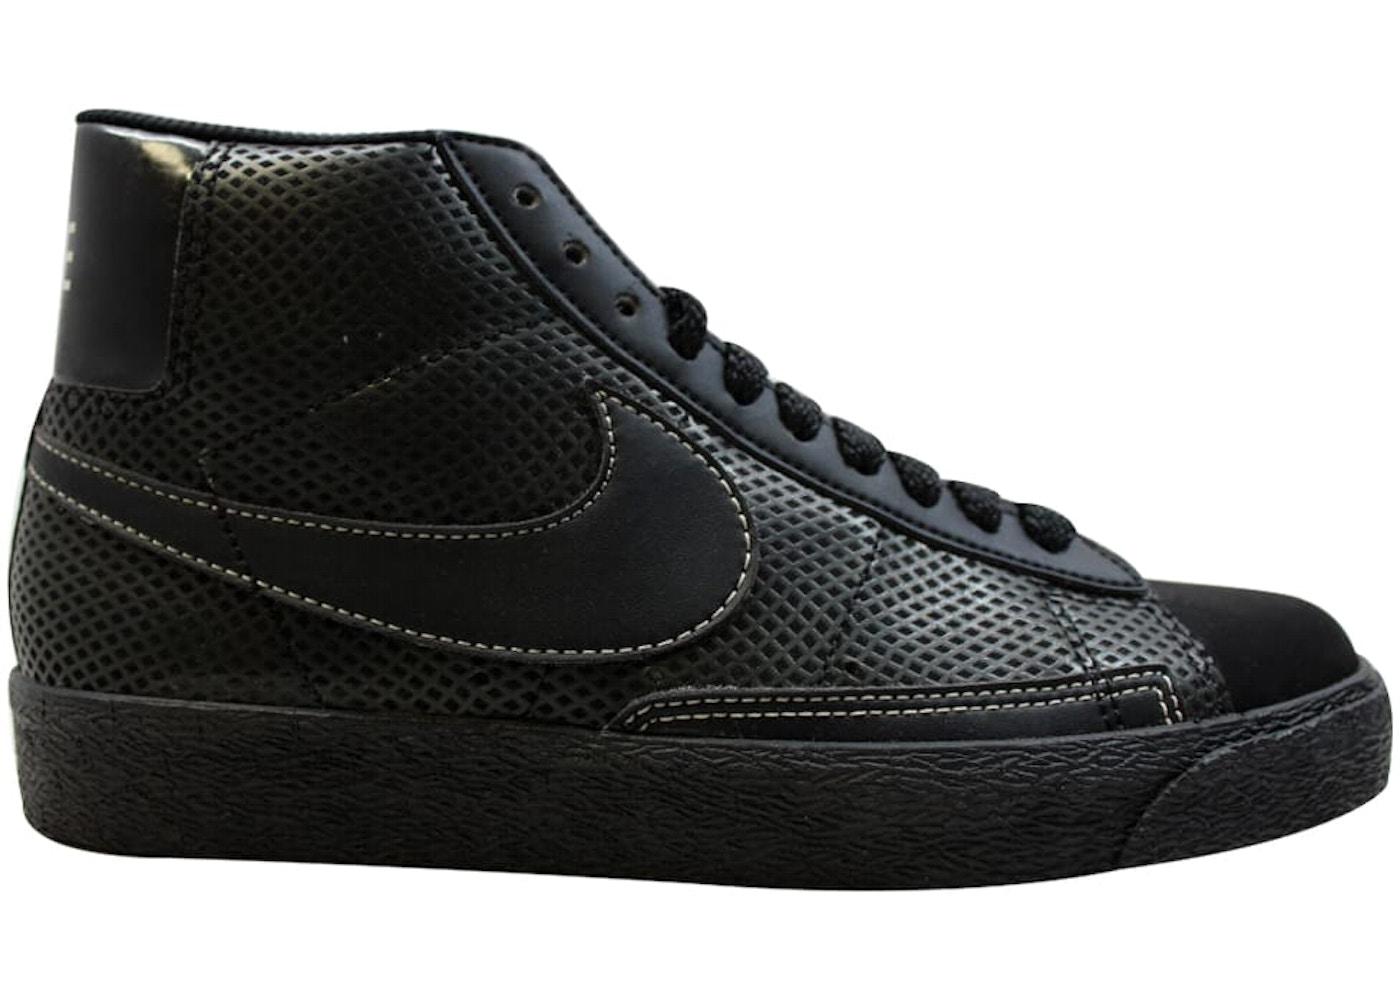 48aeb590 Nike Blazer High Black/Black-White - 315877-002